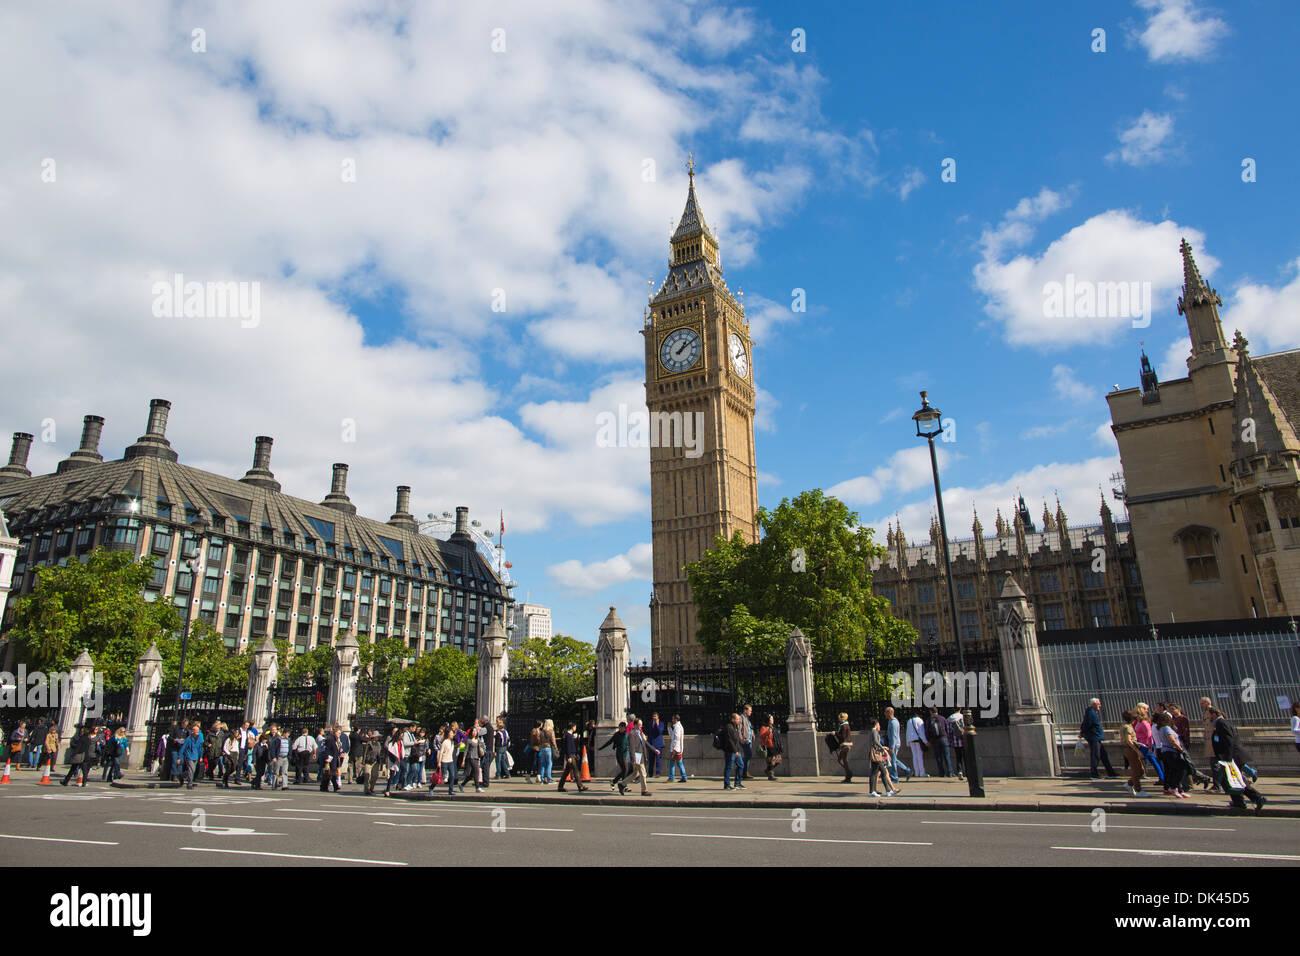 Parliament Square, en el centro de Londres con Portcullis House (izquierda) y el Big Ben (oriente), Londres, Reino Unido. Foto de stock